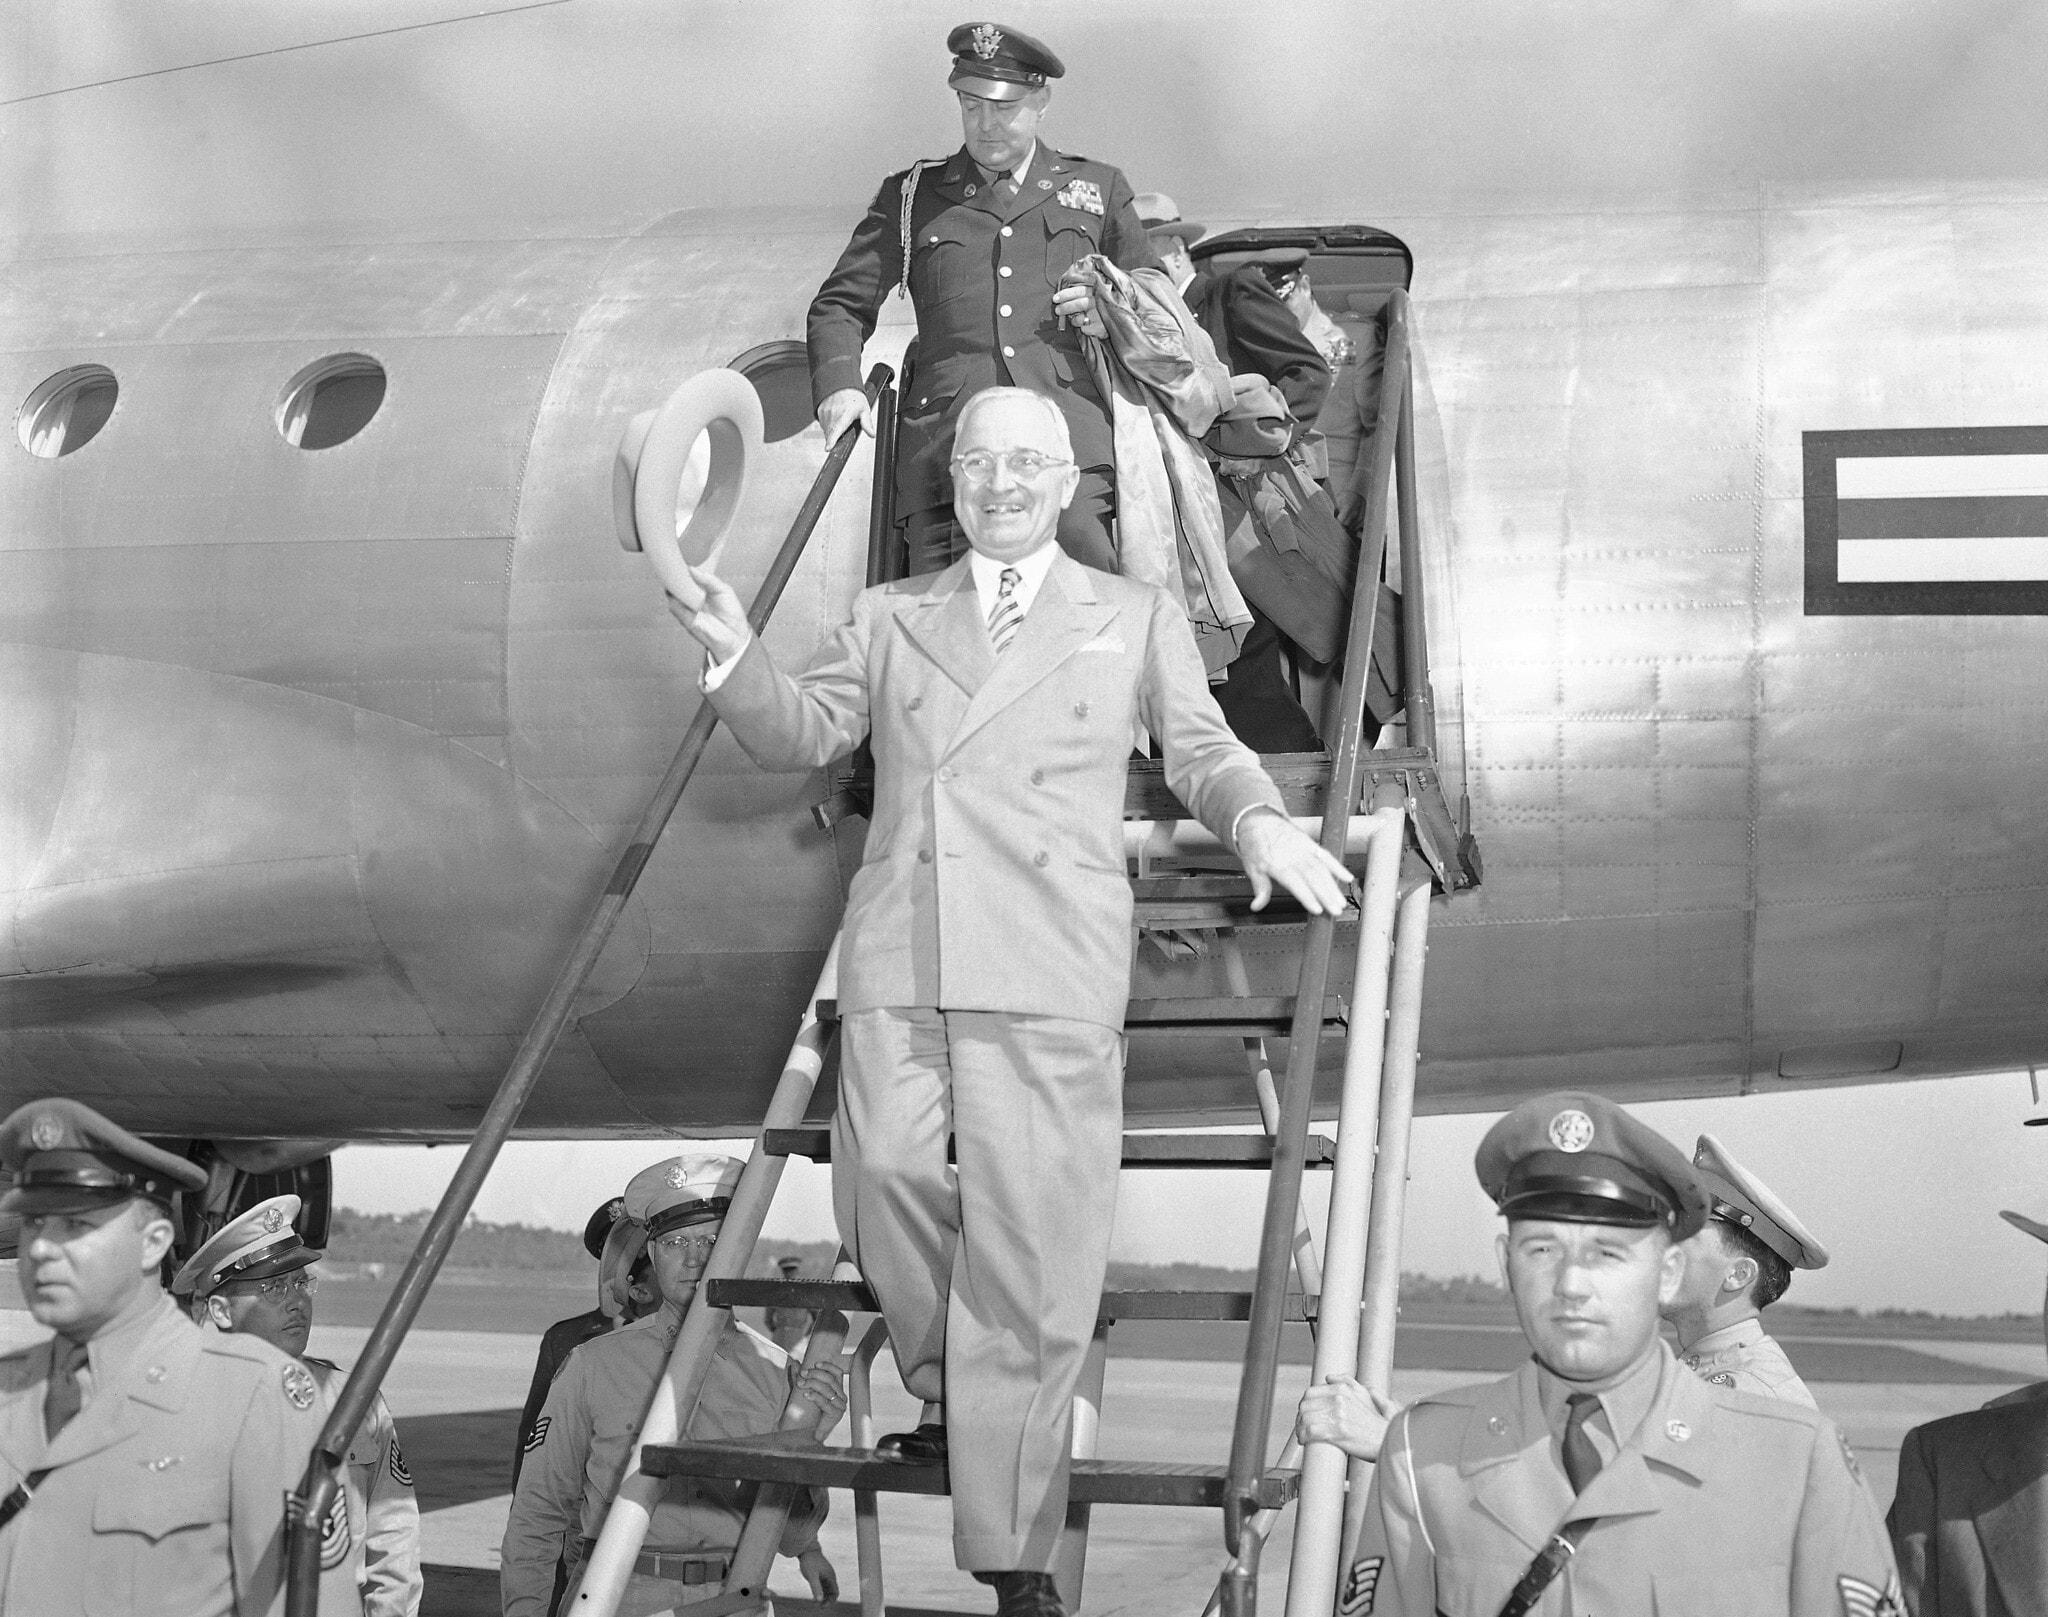 הנשיא הארי טרומן מגיע לאירוע פוליטי בקנזס סיטי ב-29 בספטמבר 1949 (צילום: AP Photo)